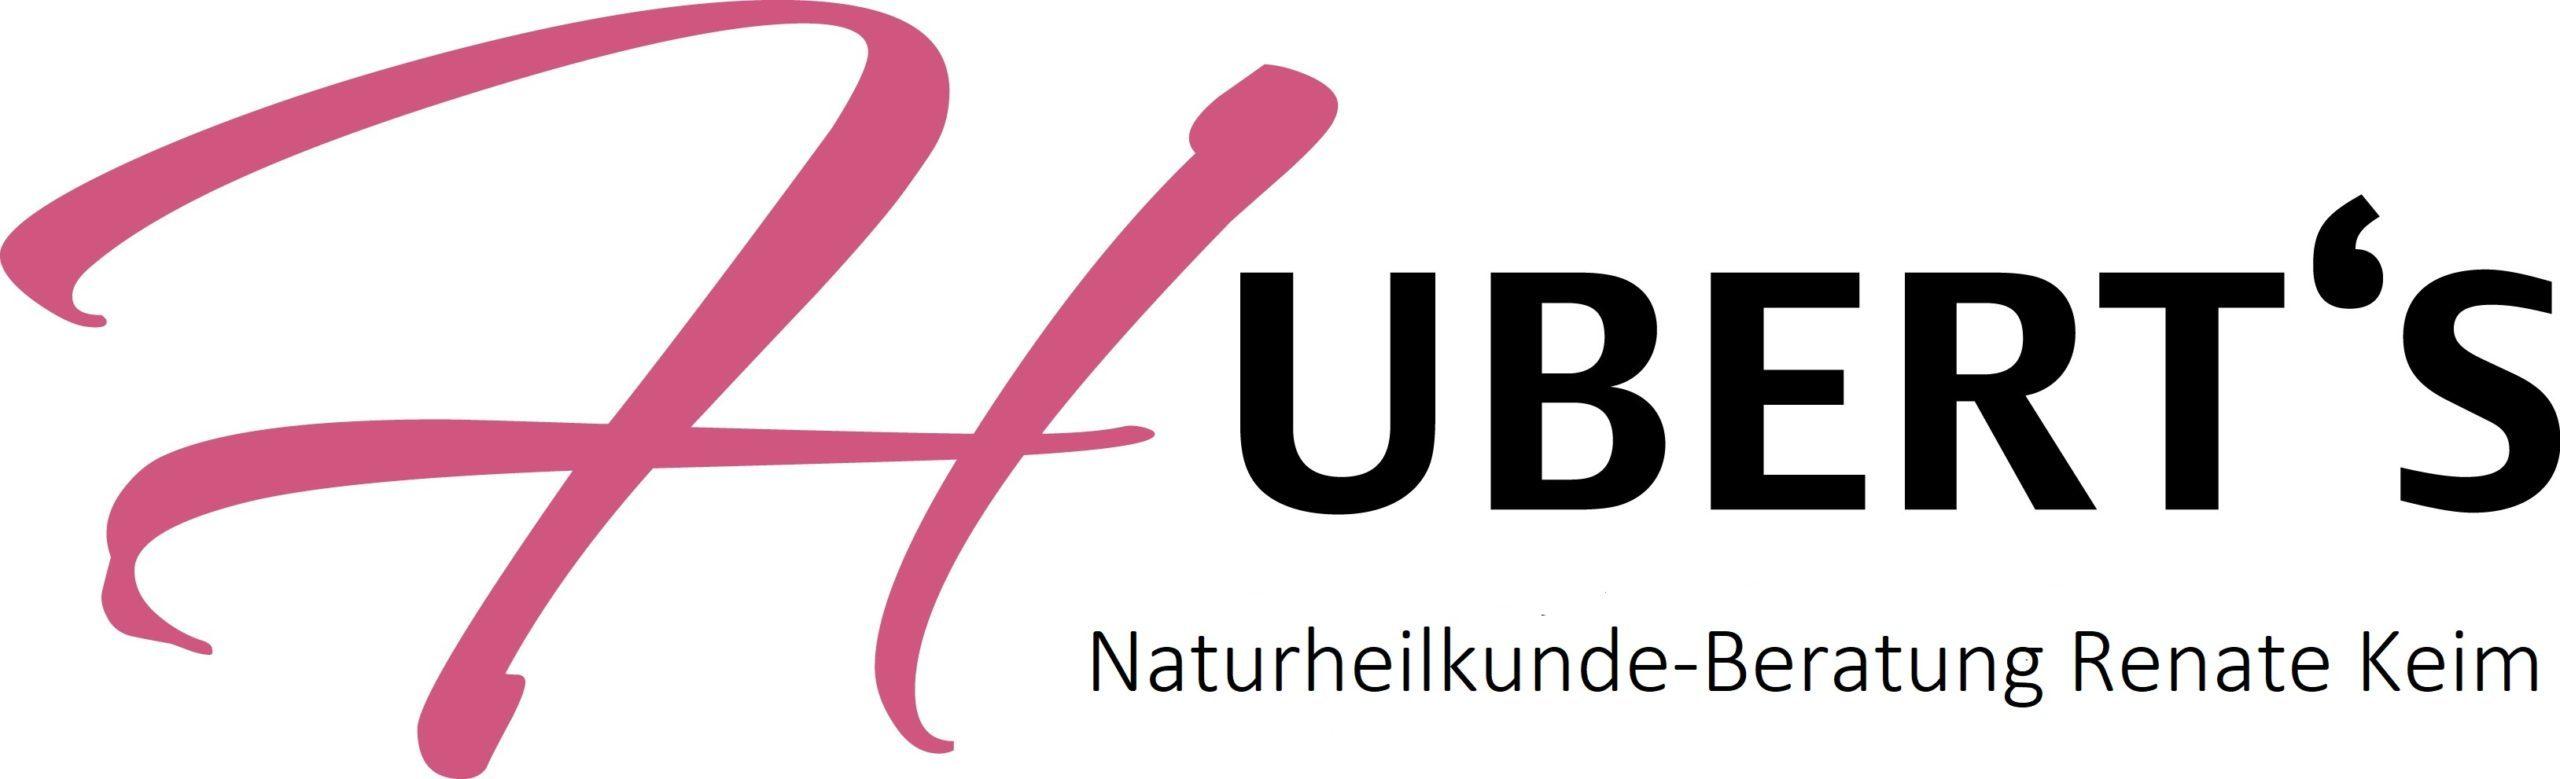 blog.huberts-futter.de